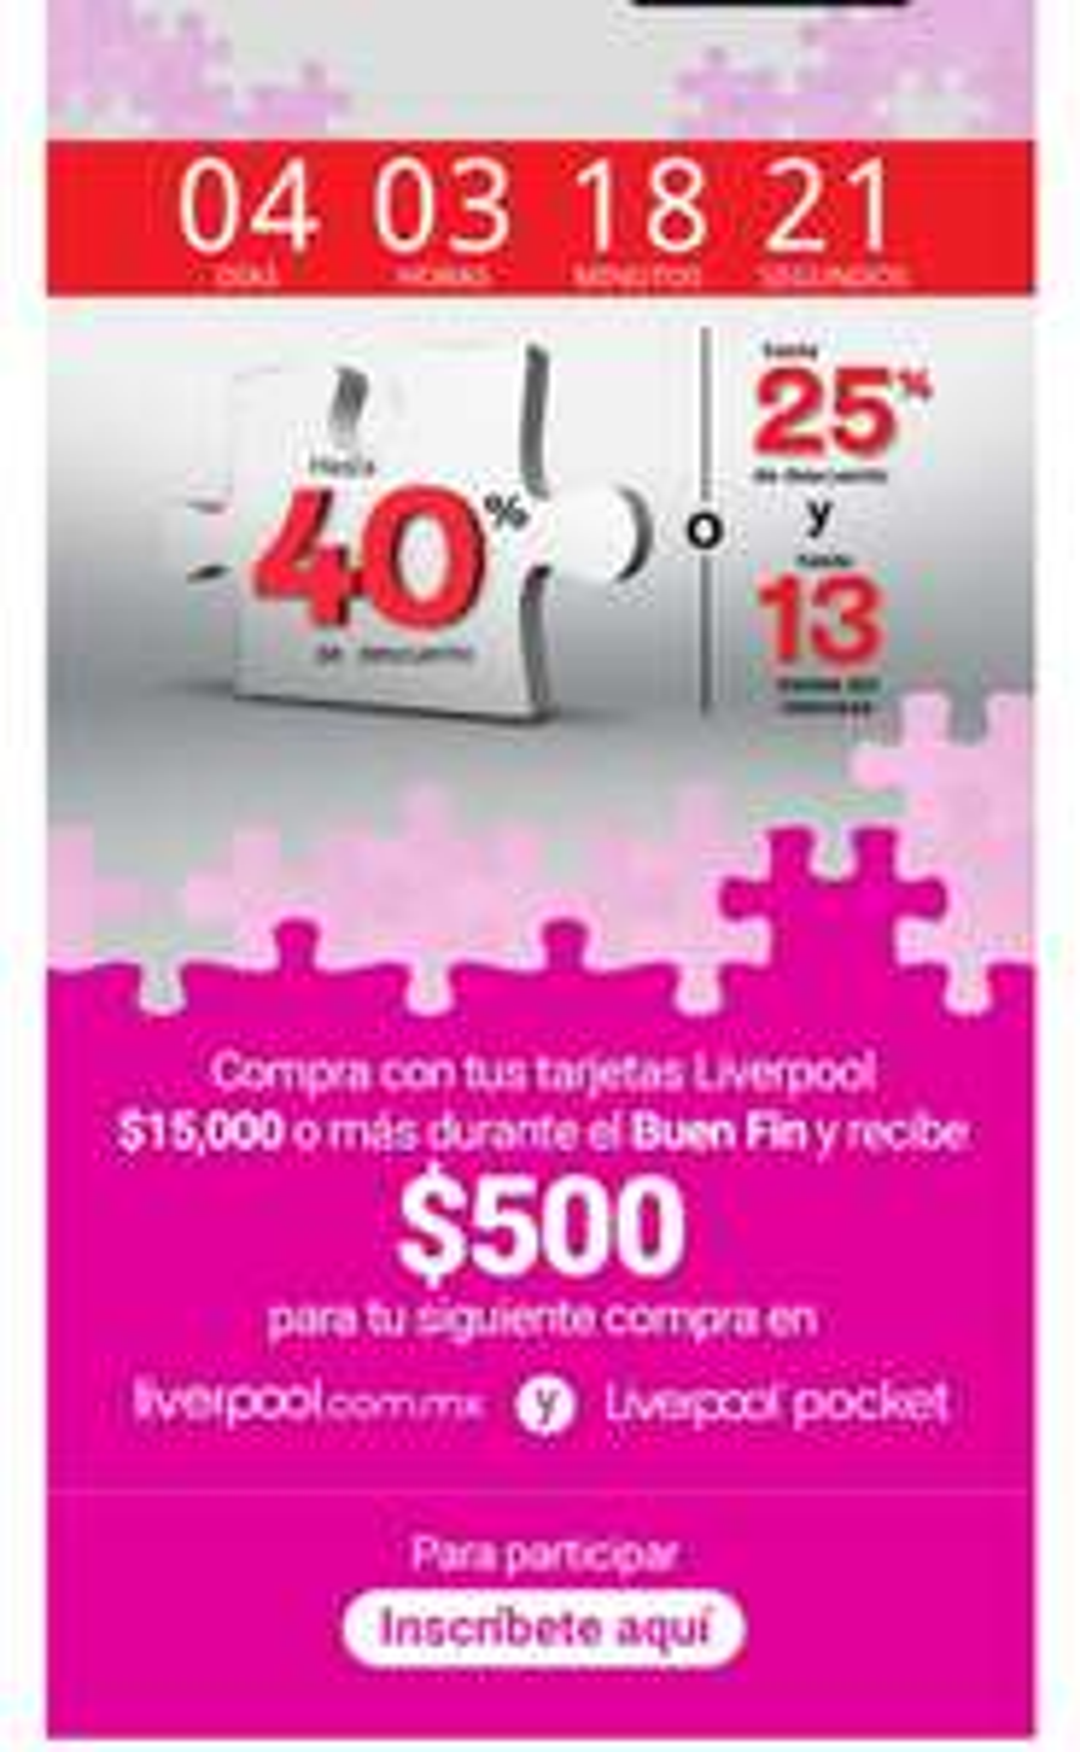 Buen Fin 2020 en Liverpool: Recibe $500 para tu siguiente compra en compras de $15000